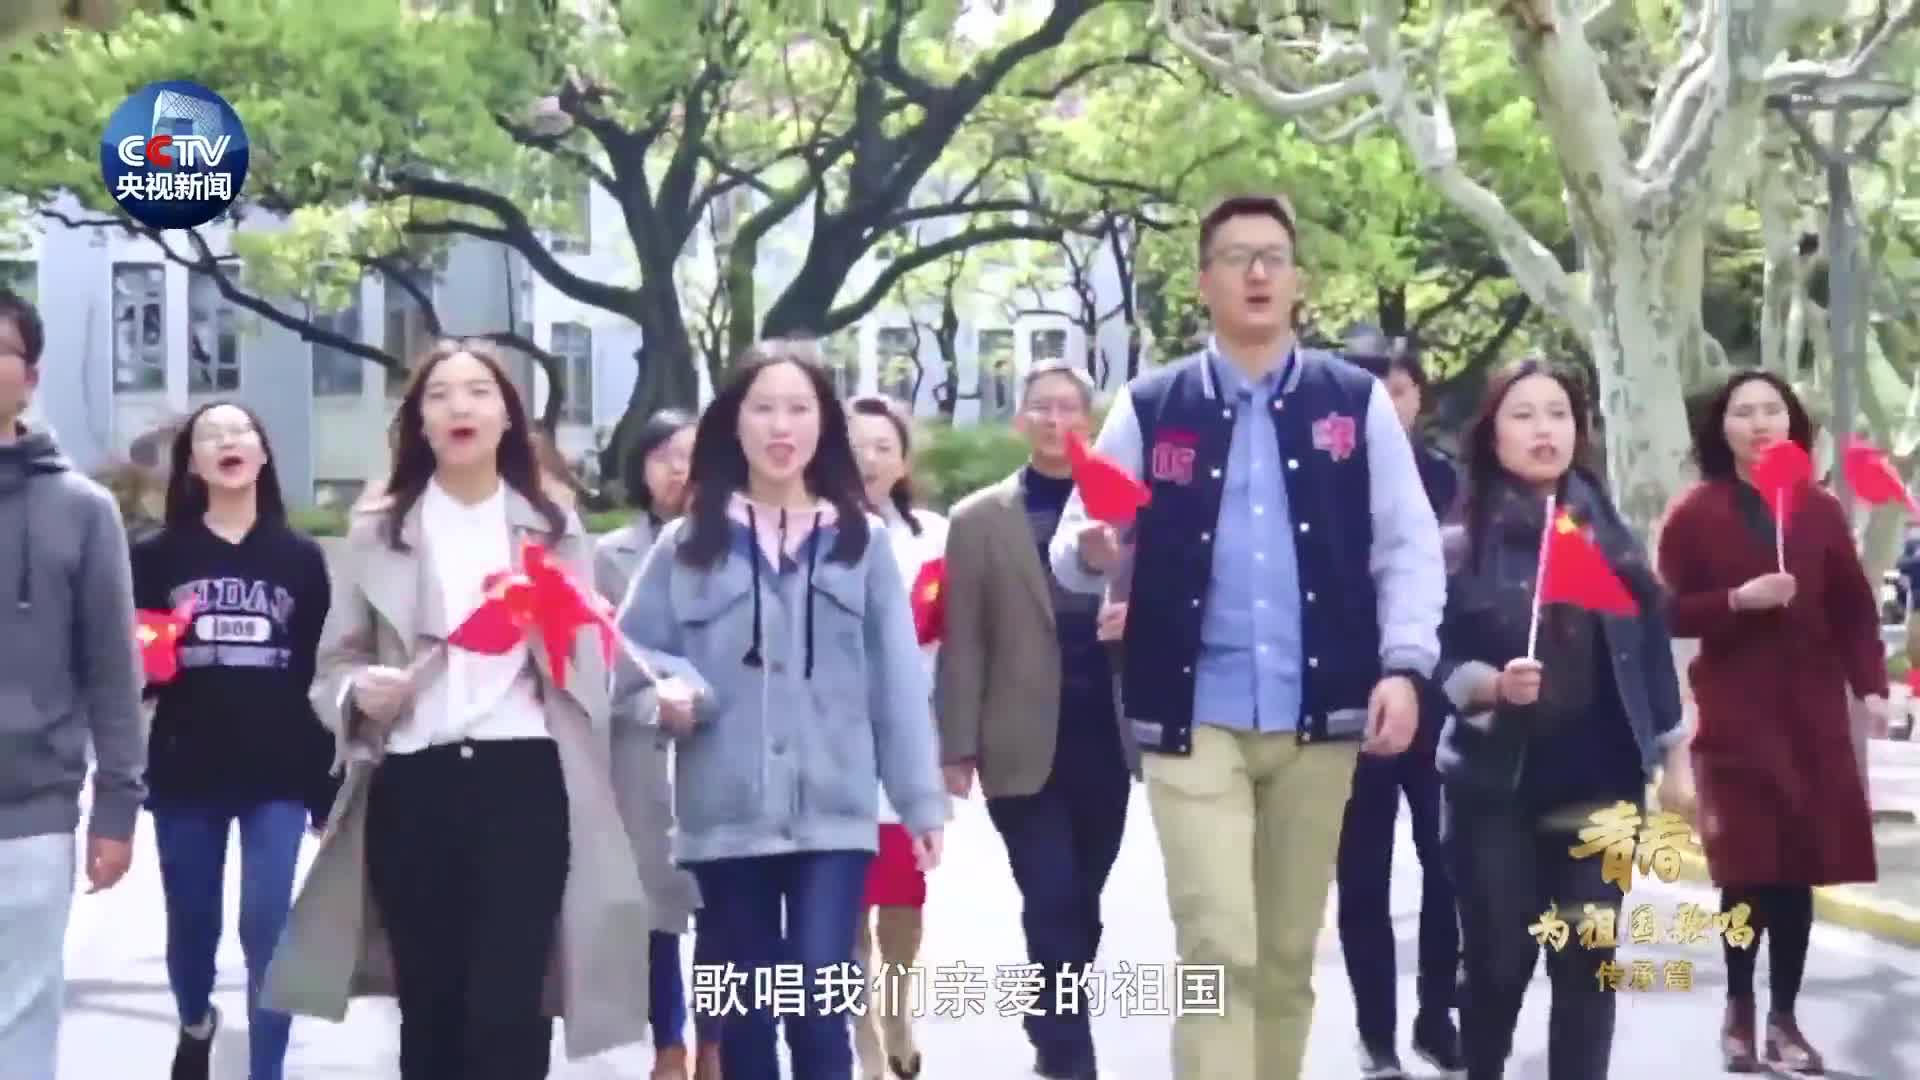 青春为祖国歌唱丨复旦大学师生一起唱响《歌唱祖国》